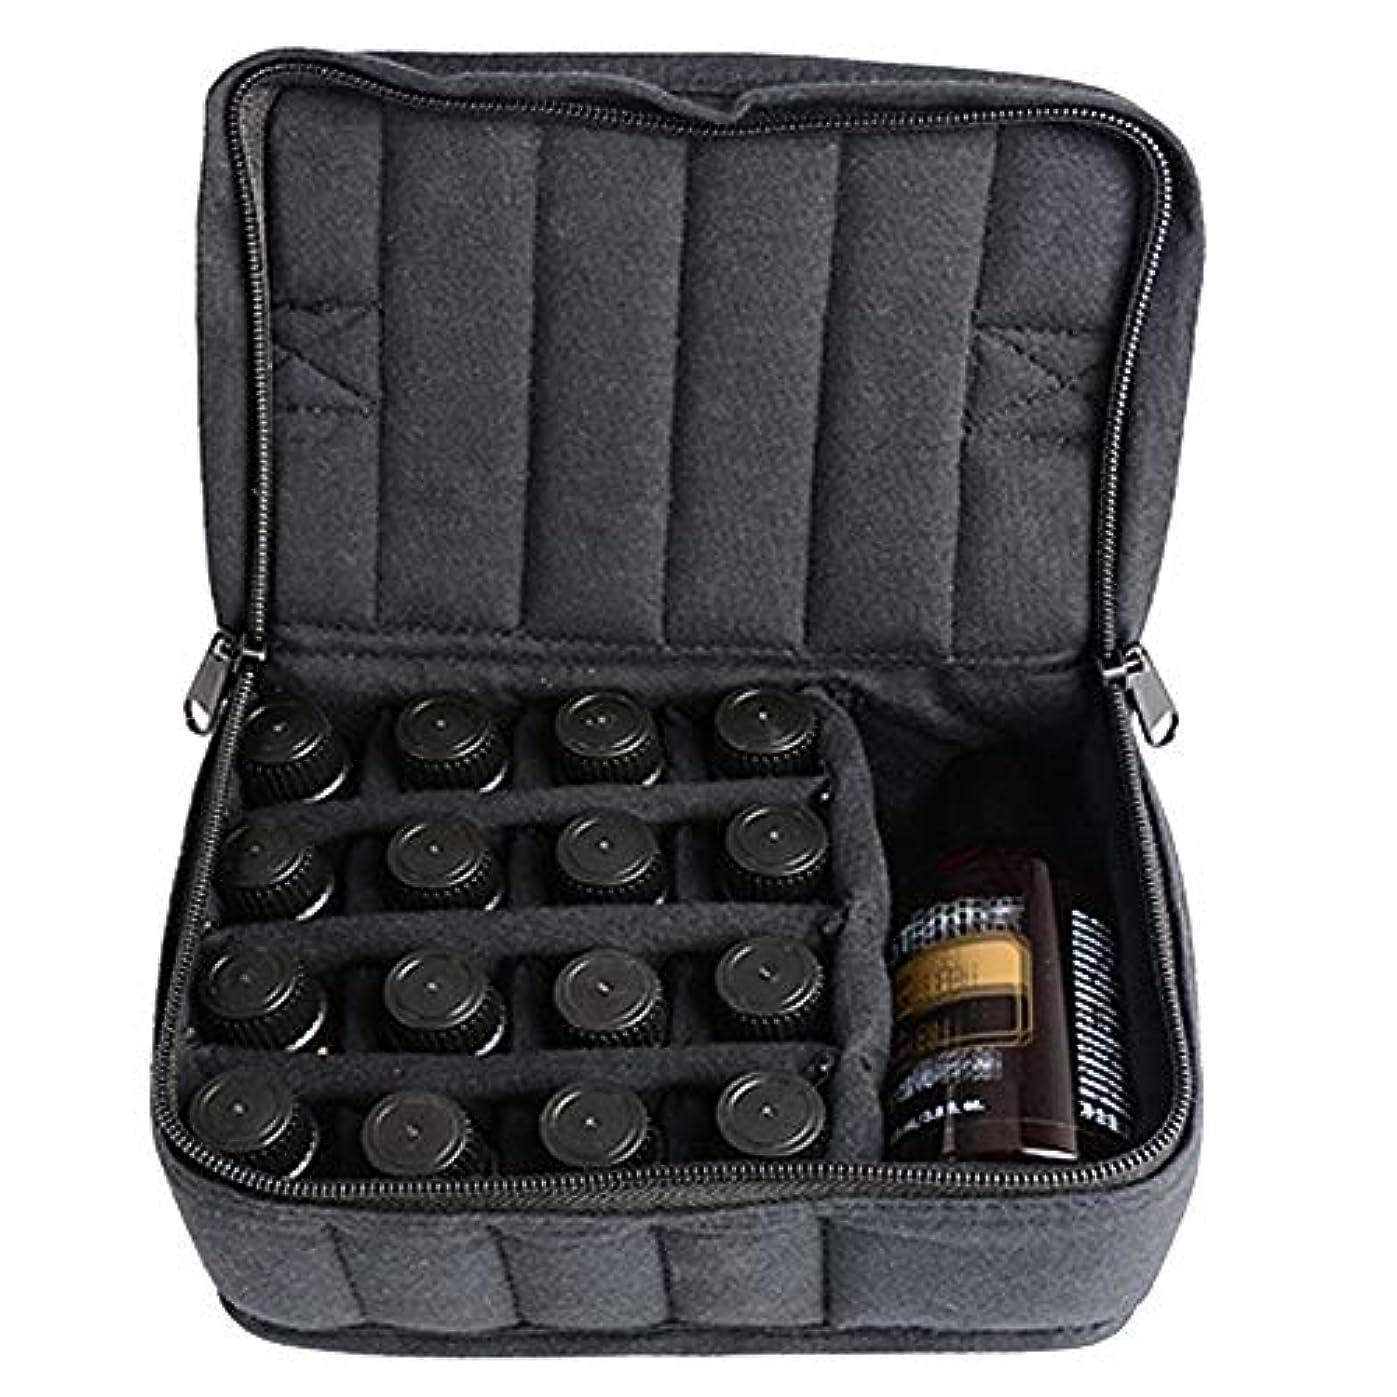 藤色色国内のエッセンシャルオイル収納ボックス ソフト走行ホルスター17オイル貯蔵ボトル用ボトル17 5ミリリットル/ 10ミリリットル元/ 15ミリリットル 丈夫で持ち運びが簡単 (色 : ブラック, サイズ : 17X14X7.5CM)